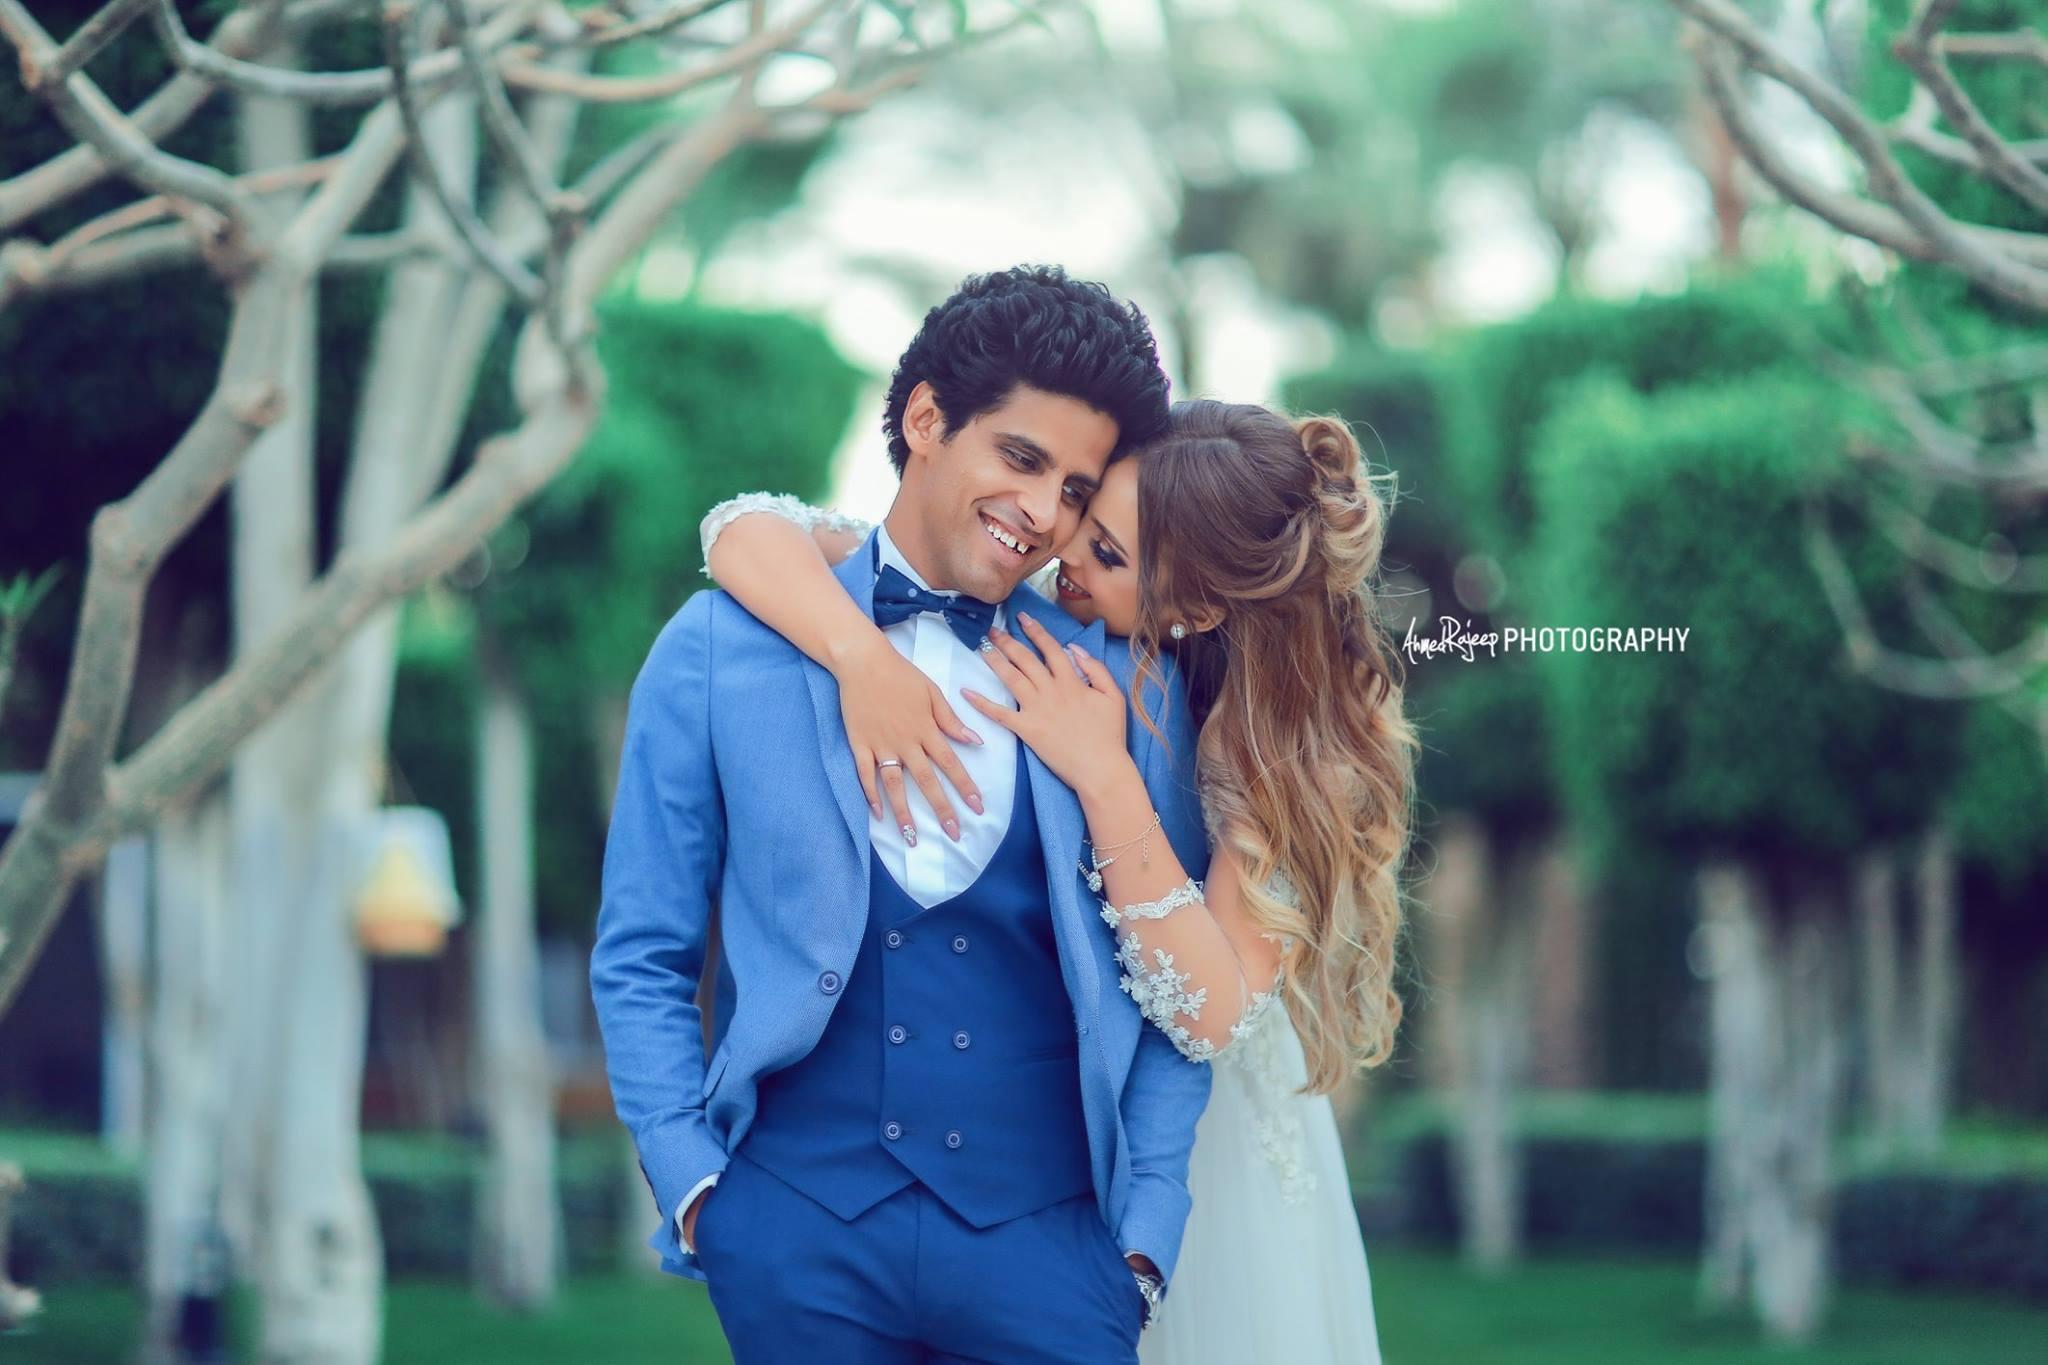 جلسة تصوير حفل زفاف حمدى الميرغنى واسراء عبد الفتاح (16)